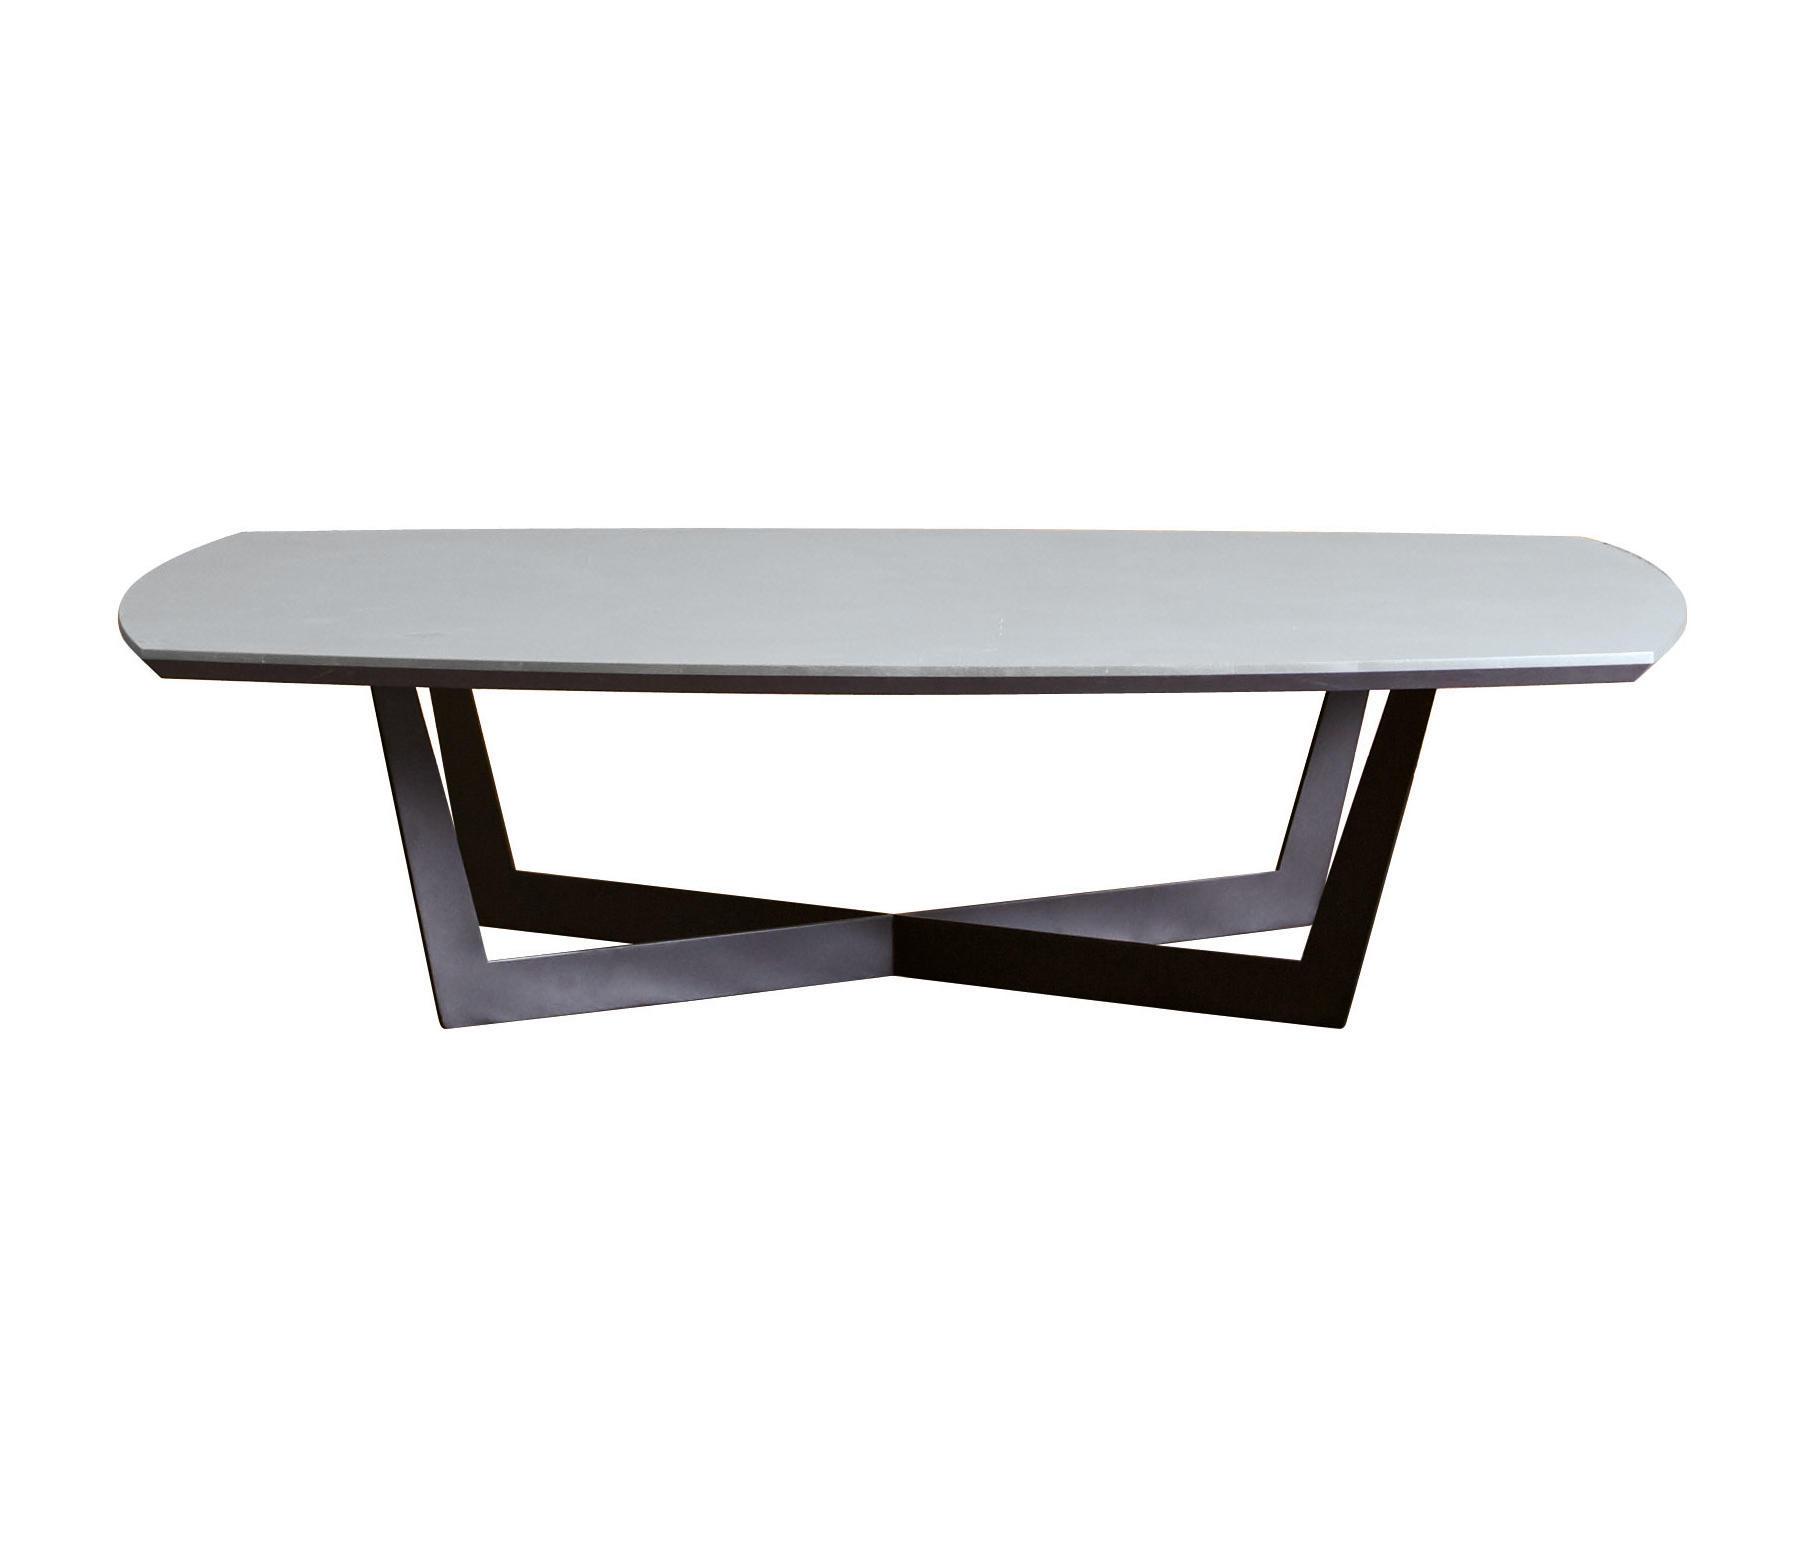 Tavolo Rettangolare Allungabile Quadrato.Iron Tavolino Cross Rettangolare Architonic